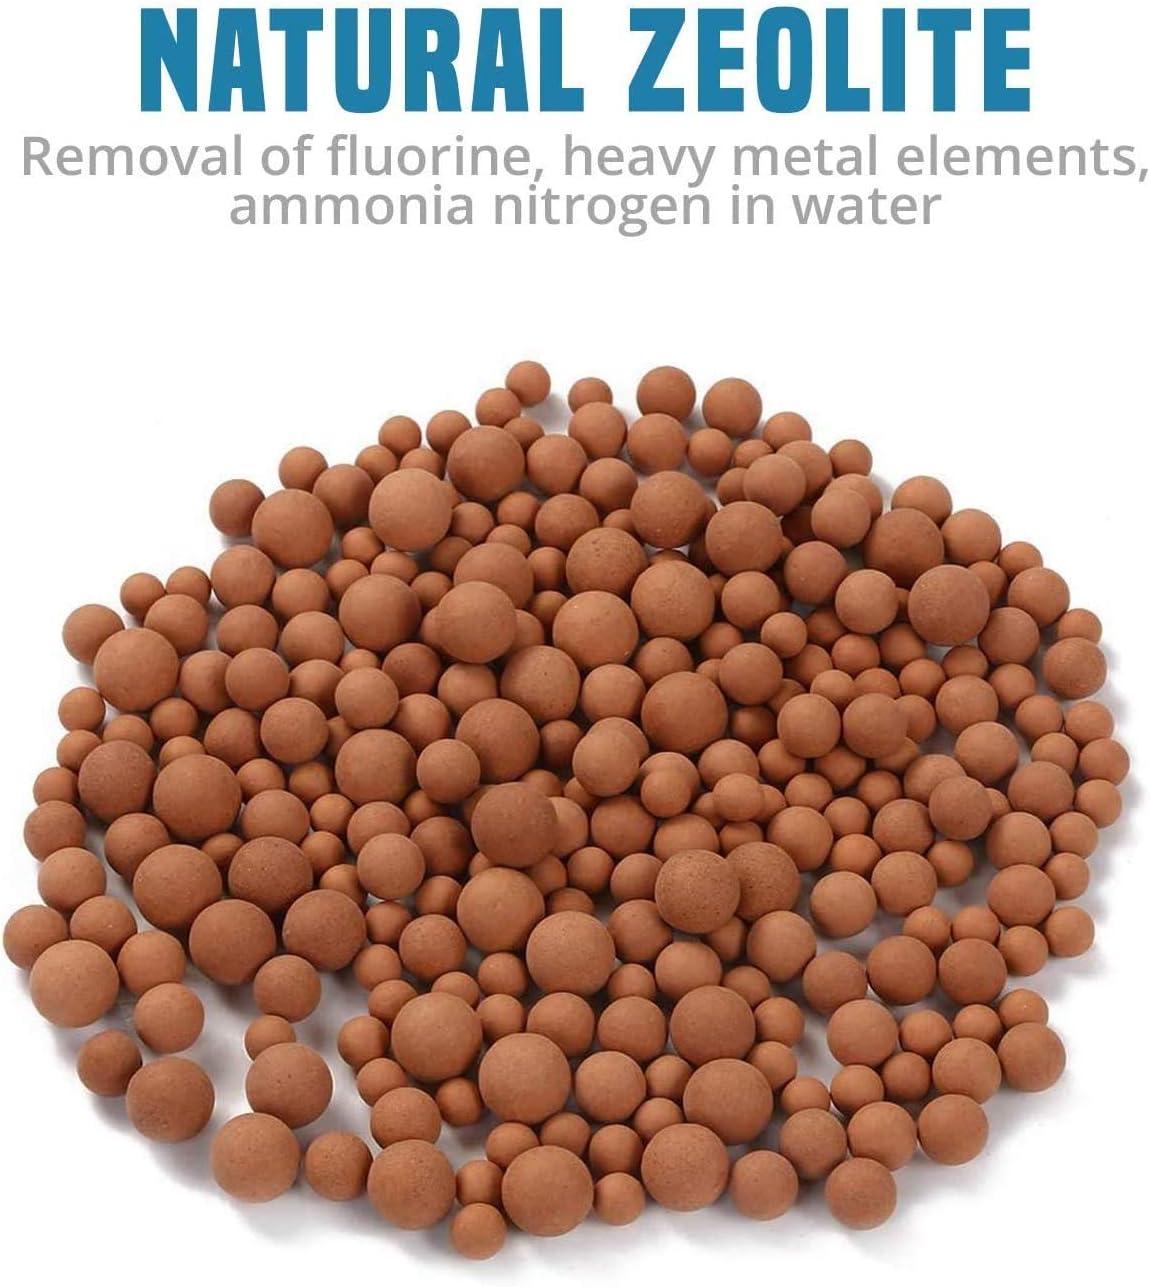 ROYALTEC piedras de repuesto y caras de cabezal de ducha 6 bloques de vitamina C 6 meses Recambio de filtro de ducha con vitamina C